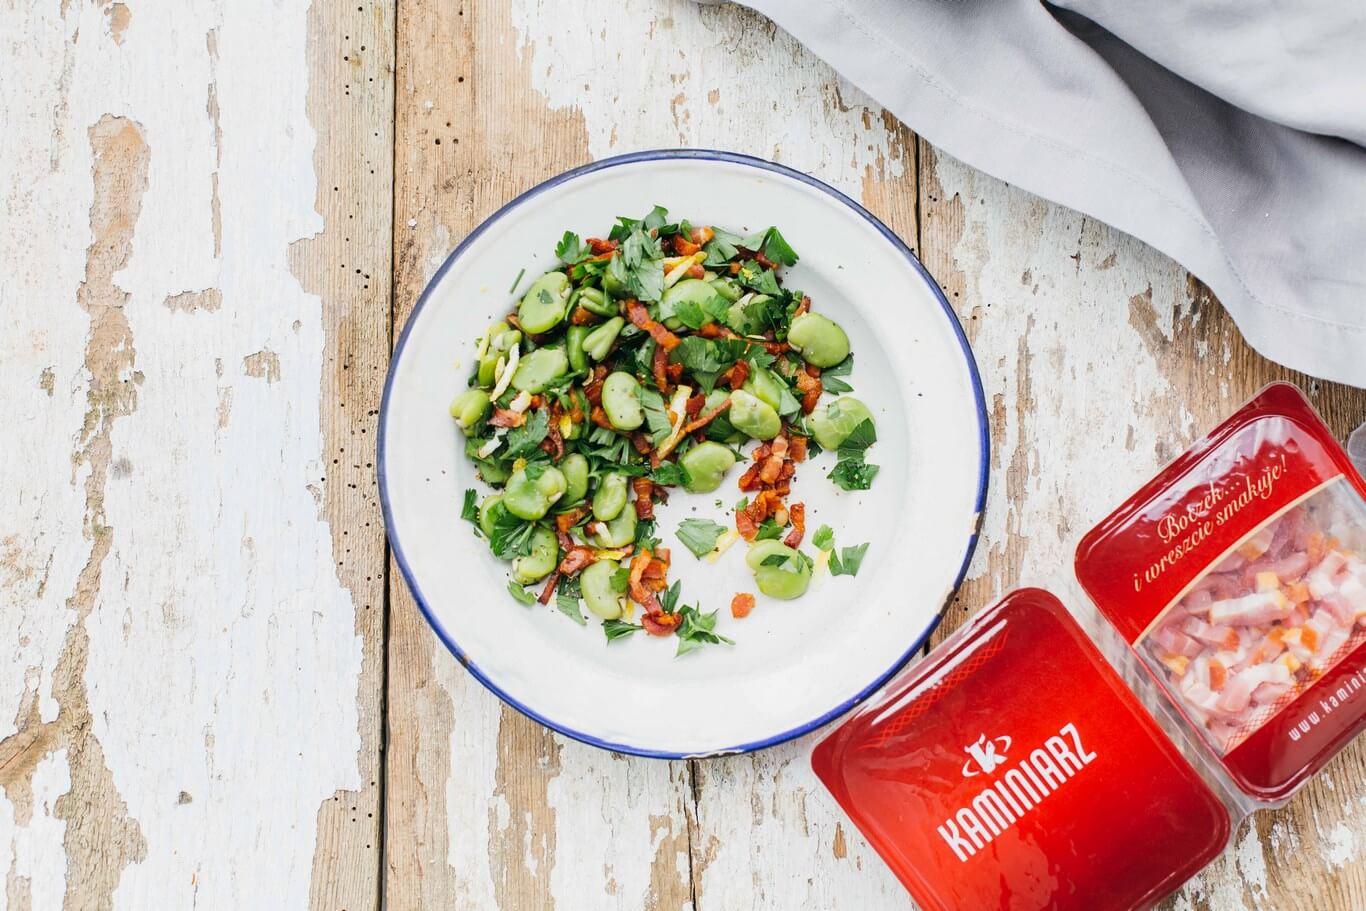 salatka z bobem i boczkiem w aromatycznym sosie,